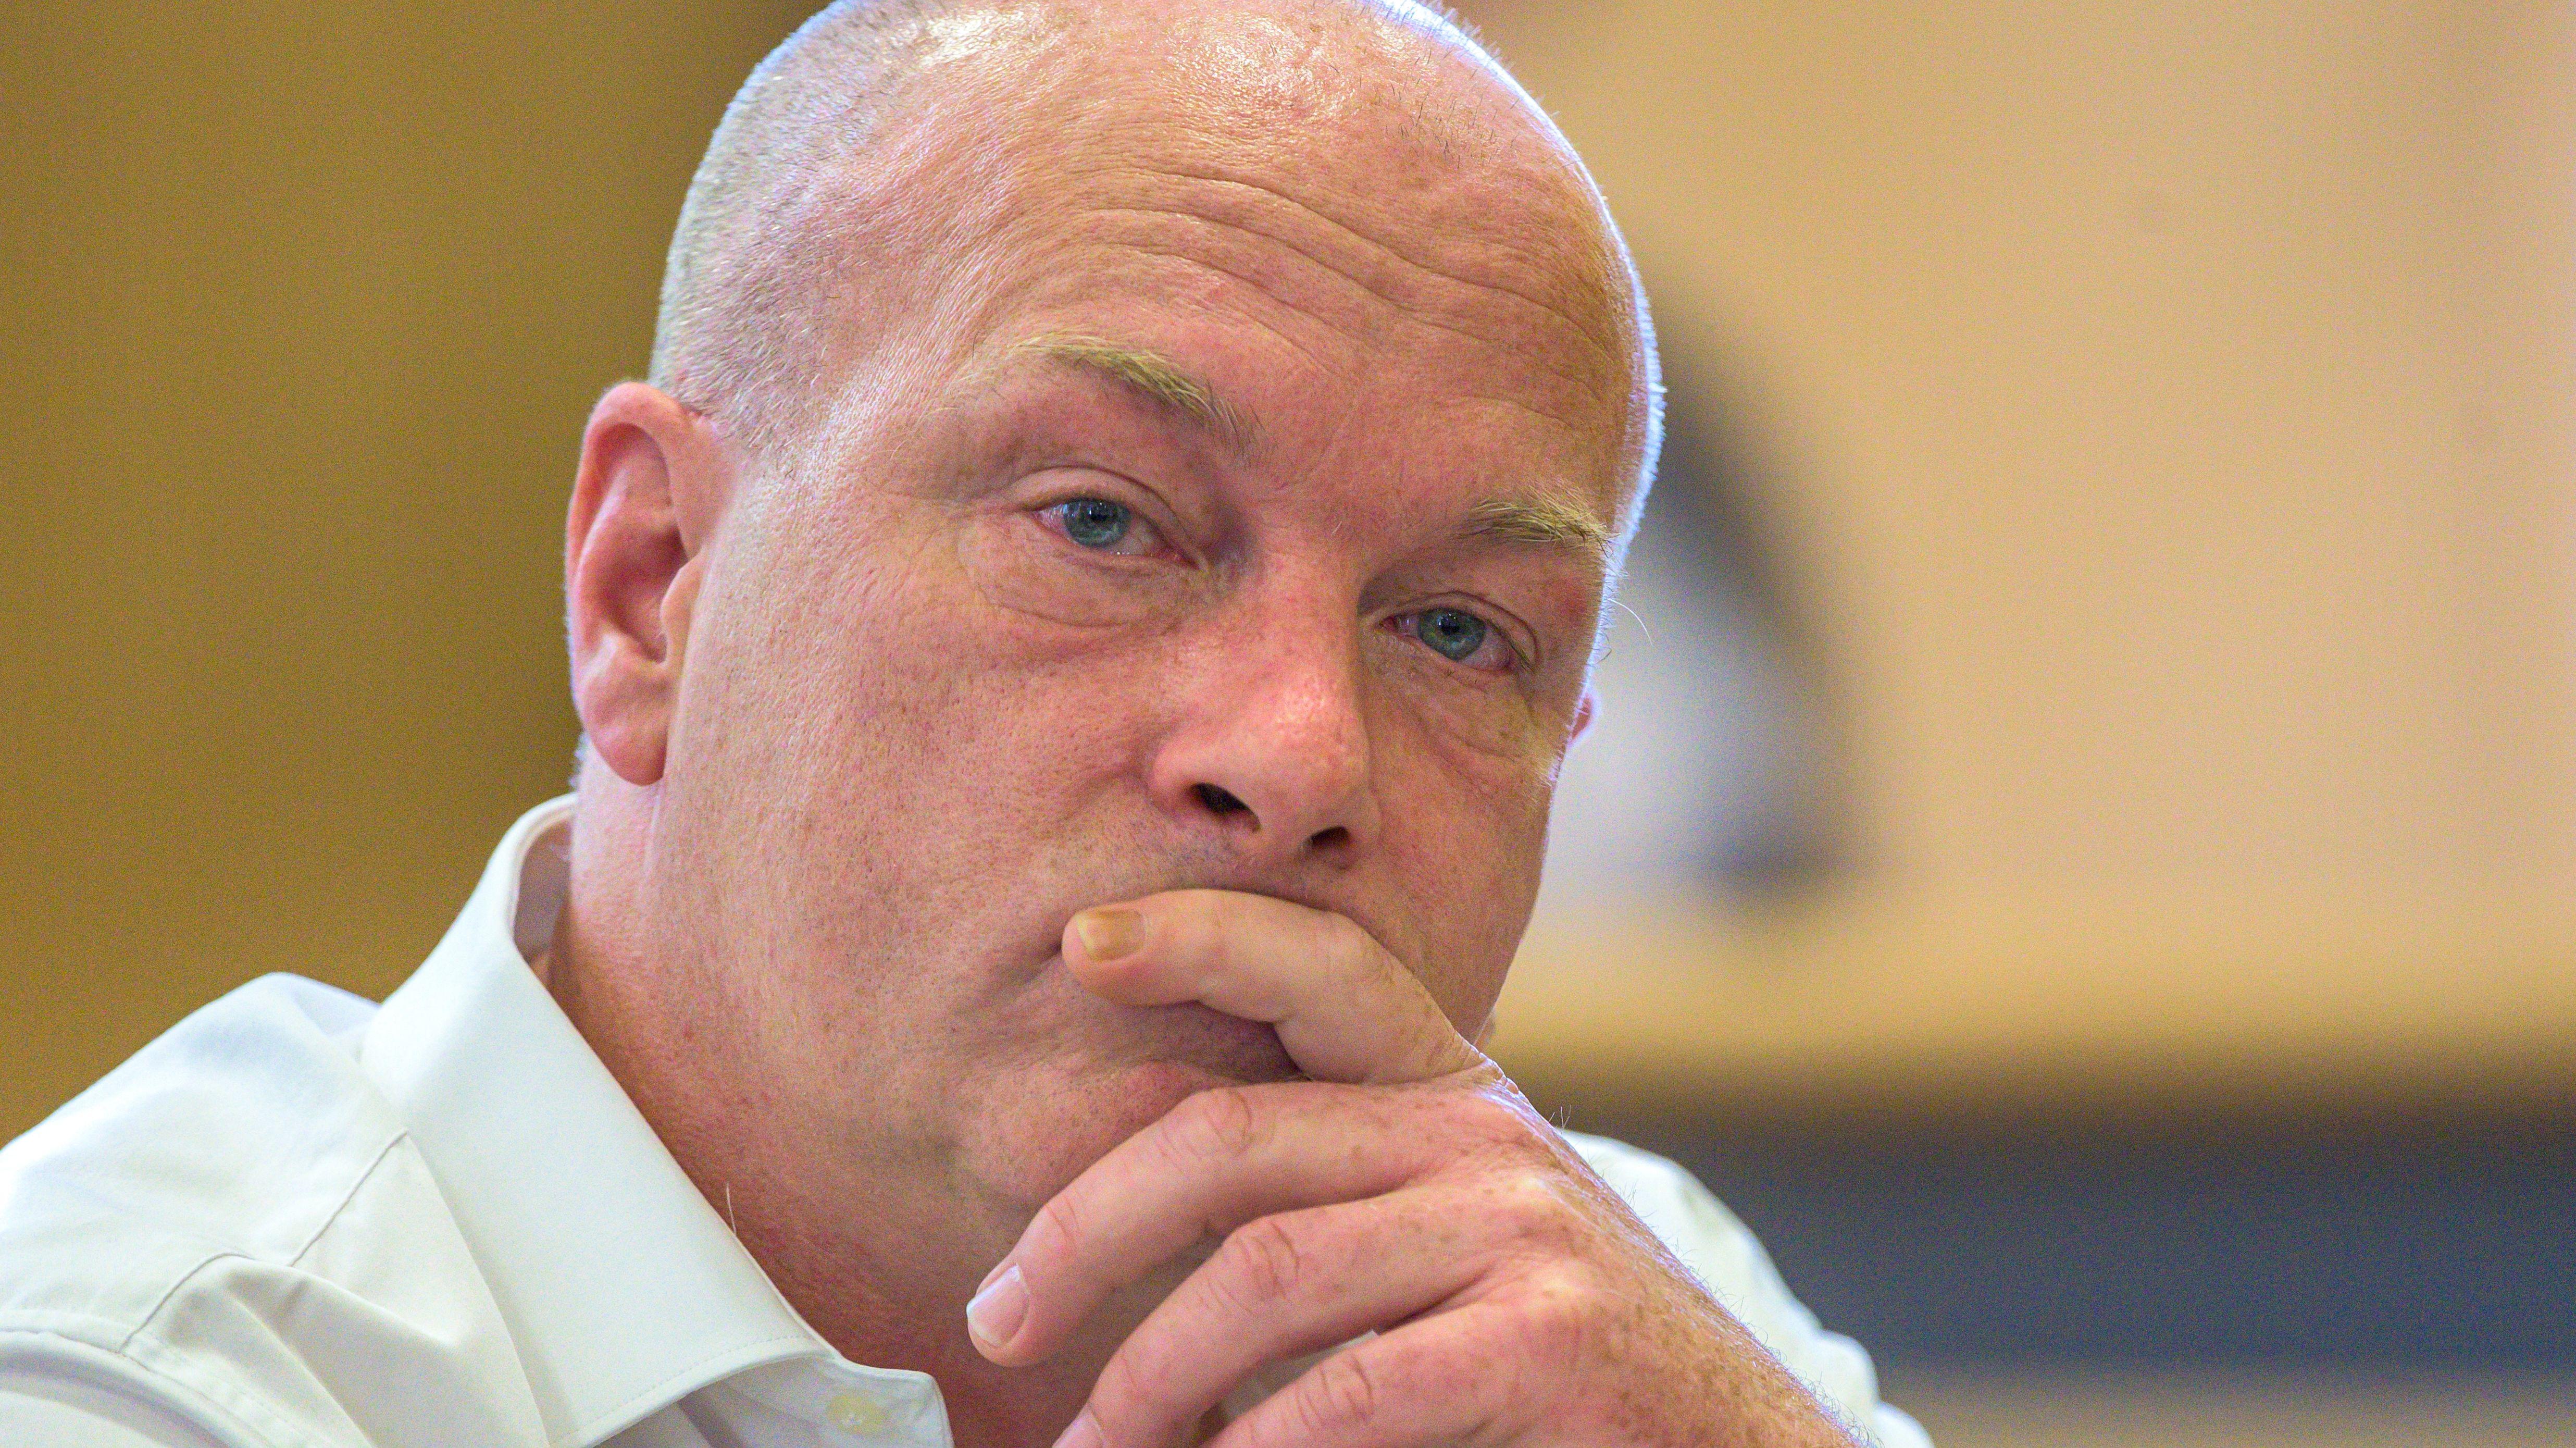 Der angeklagte suspendierte Regensburger Oberbürgermeister Joachim Wolbergs sitzt im Verhandlungssaal im Landgericht.